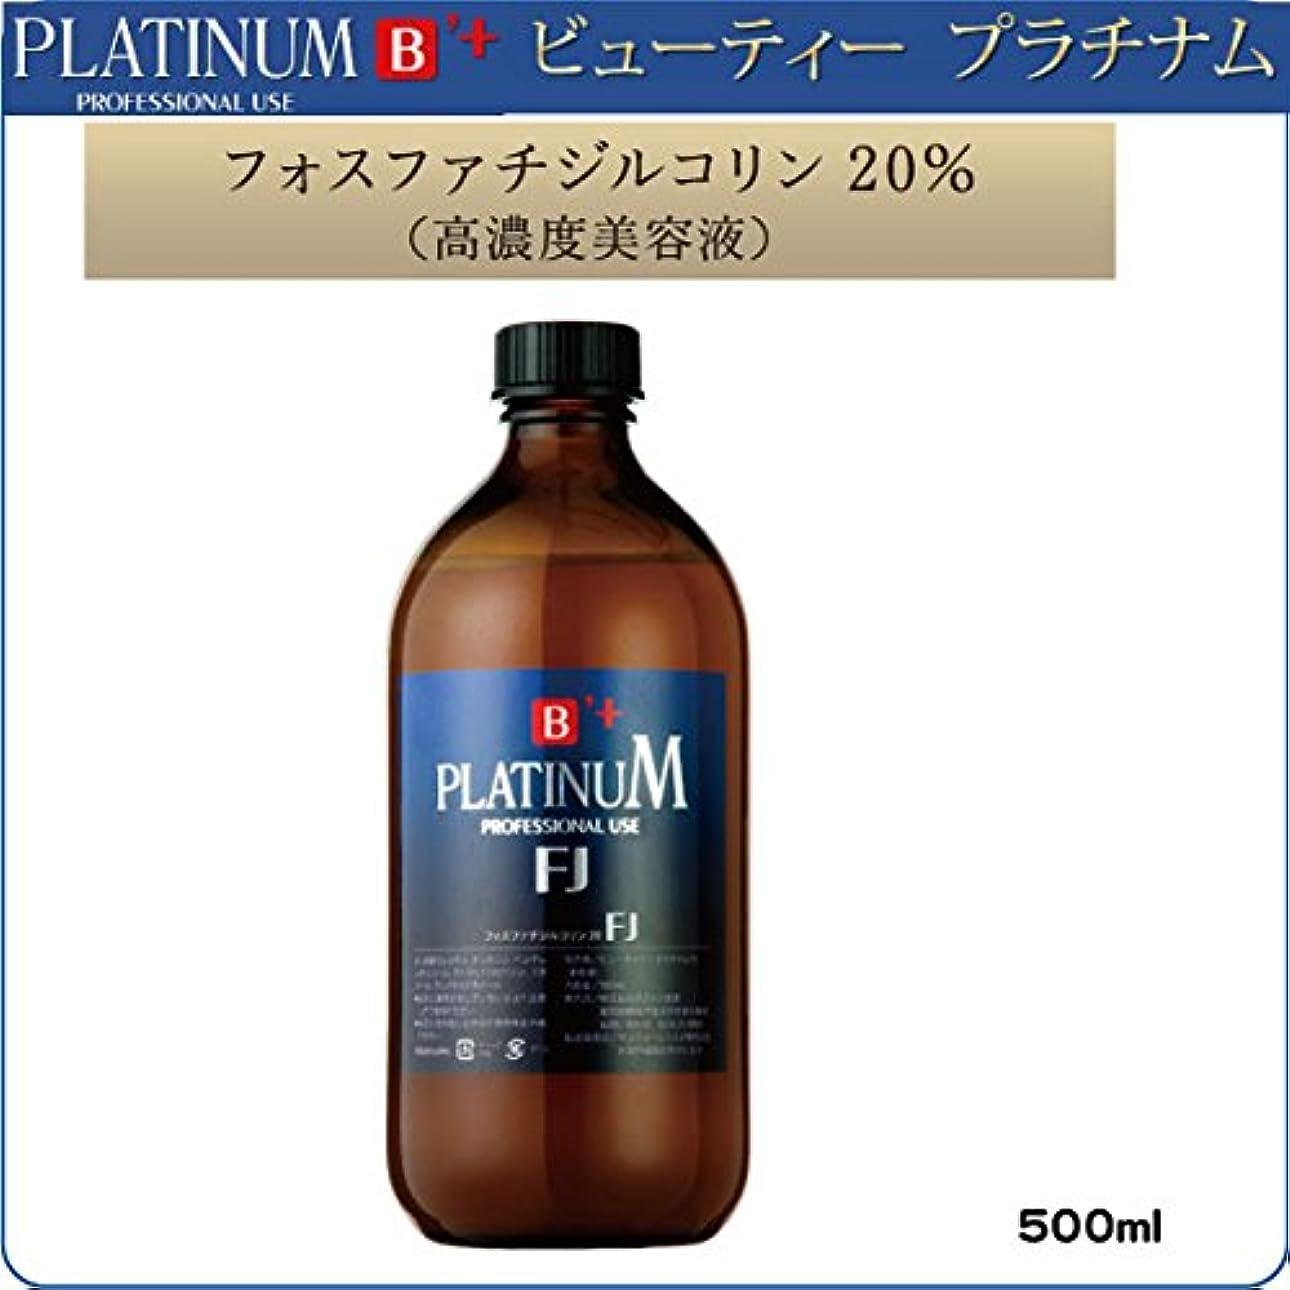 偽造窓威信【ビューティー プラチナム】 PLATINUM B'+  フォスファチジルコリン20%高濃度美容液  痩身専用:500ml